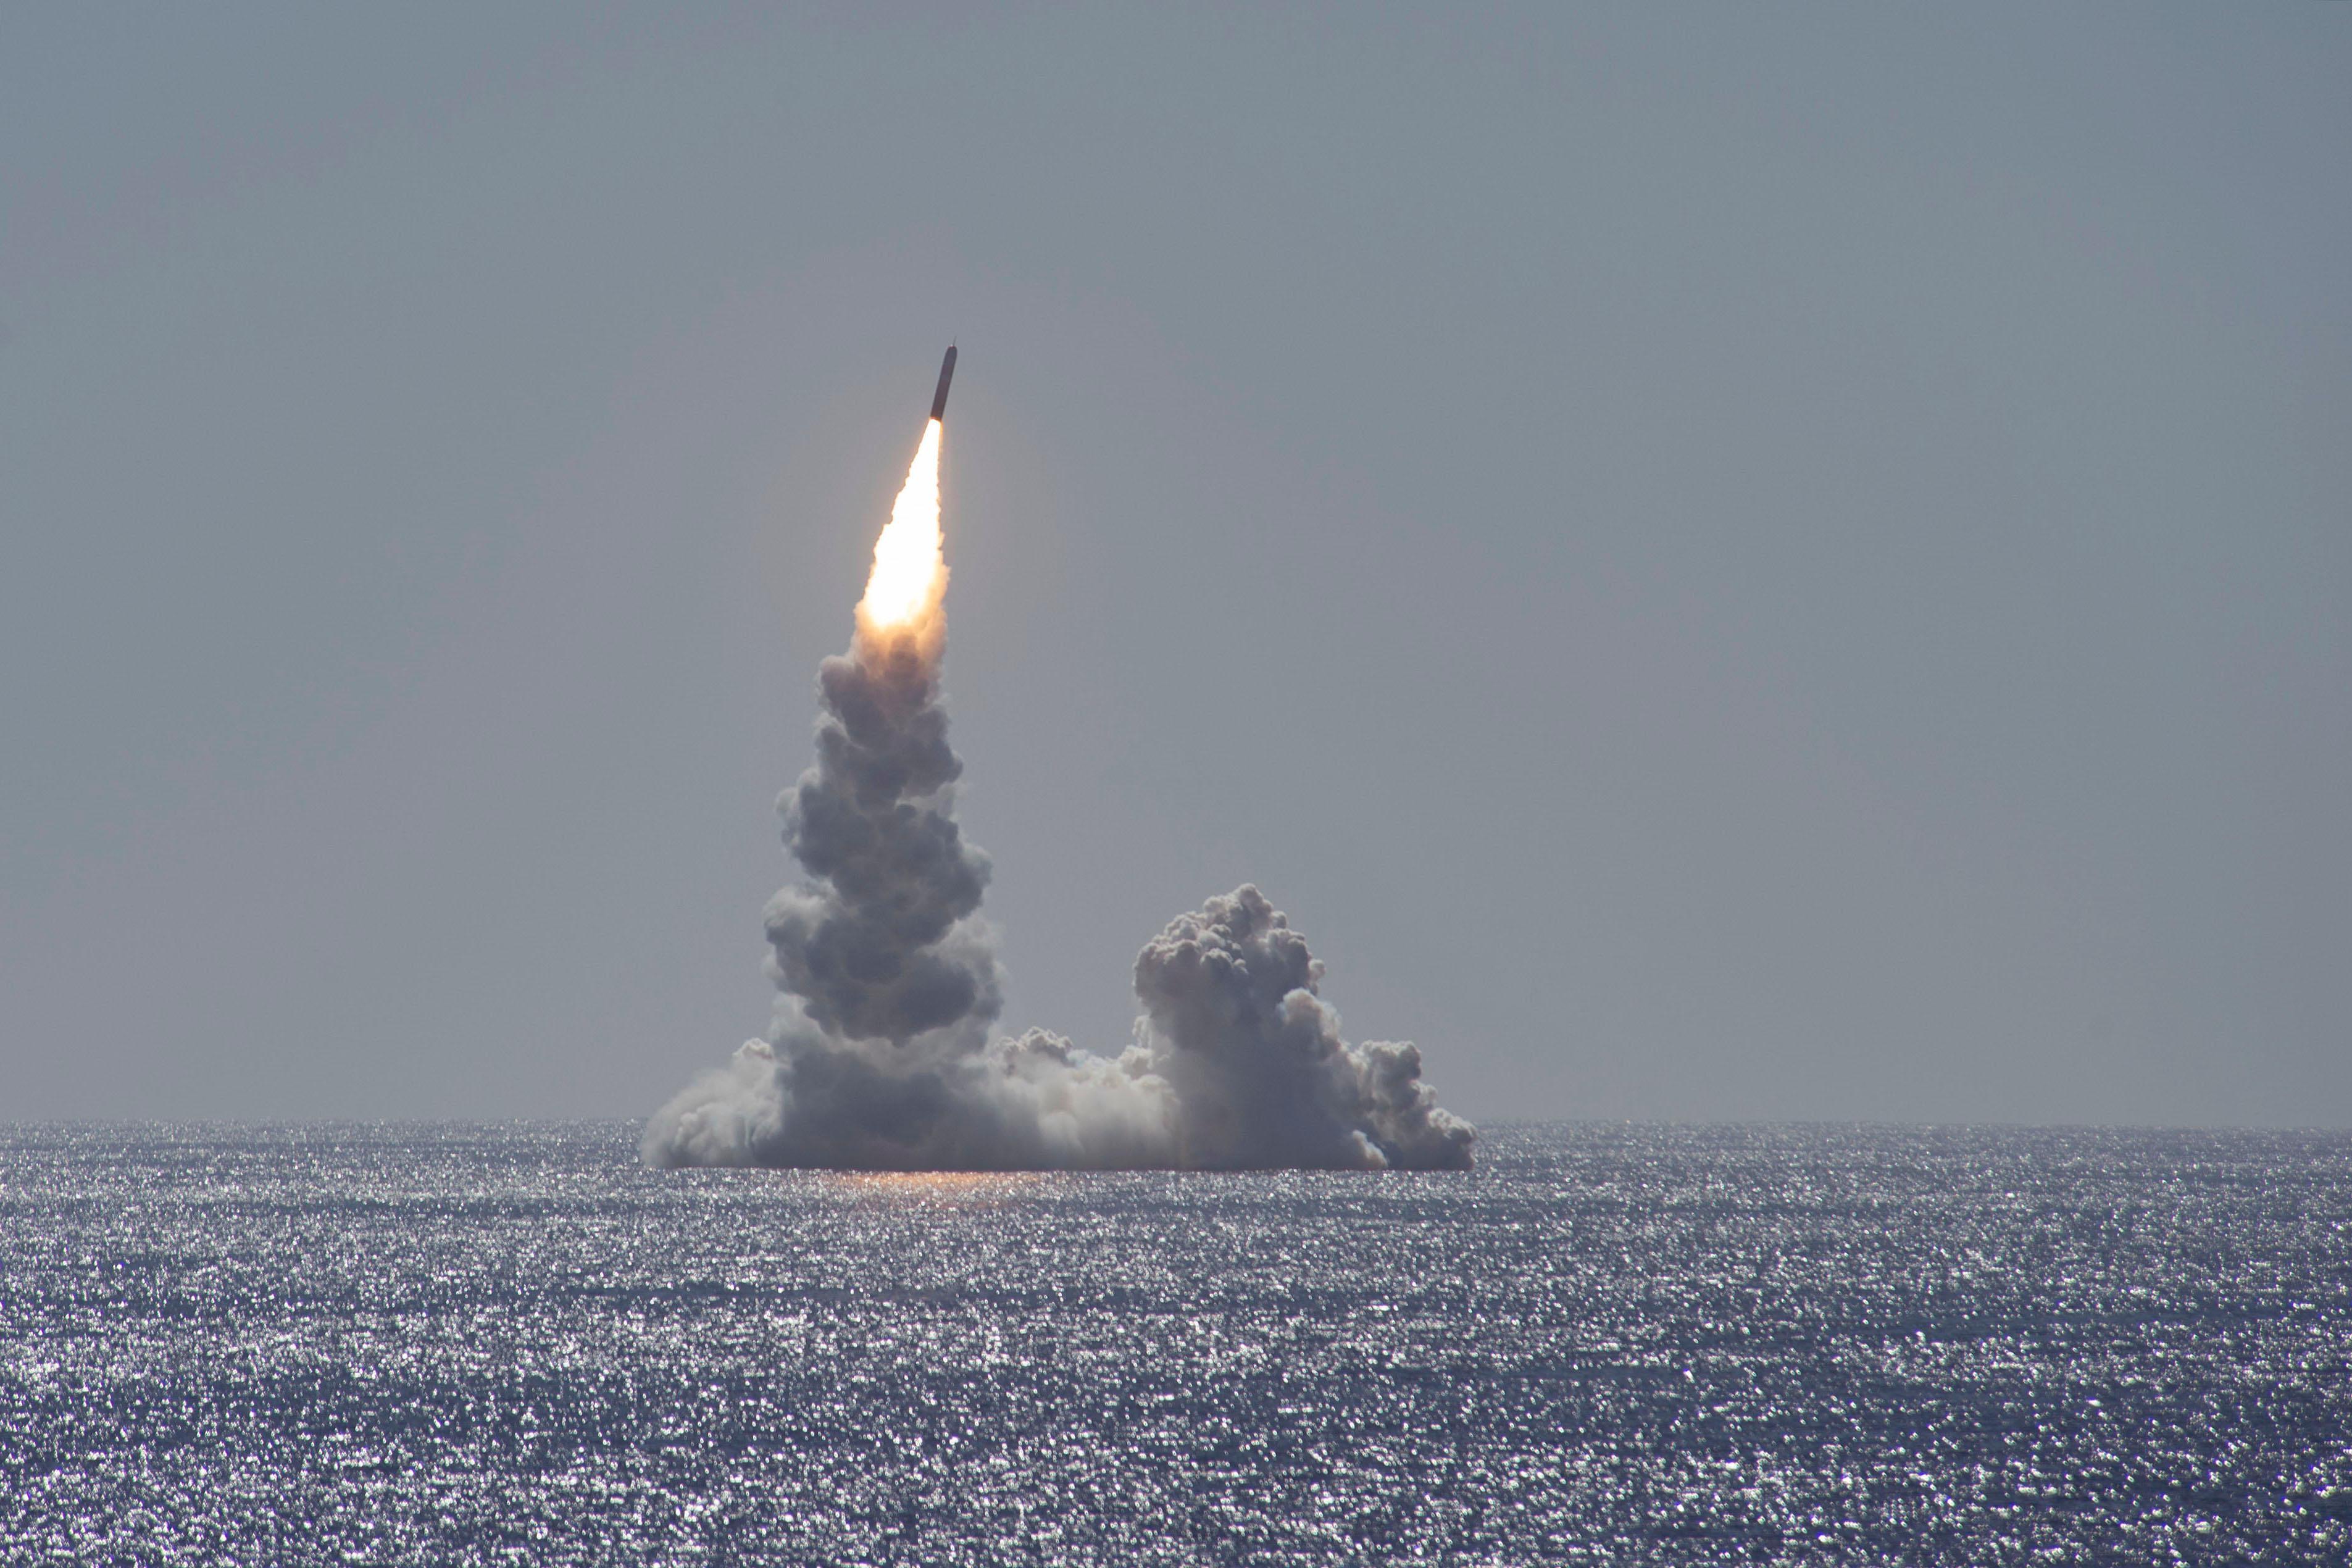 В МИД РФ назвали ультиматумом предлагаемую США сделку по ДСНВ